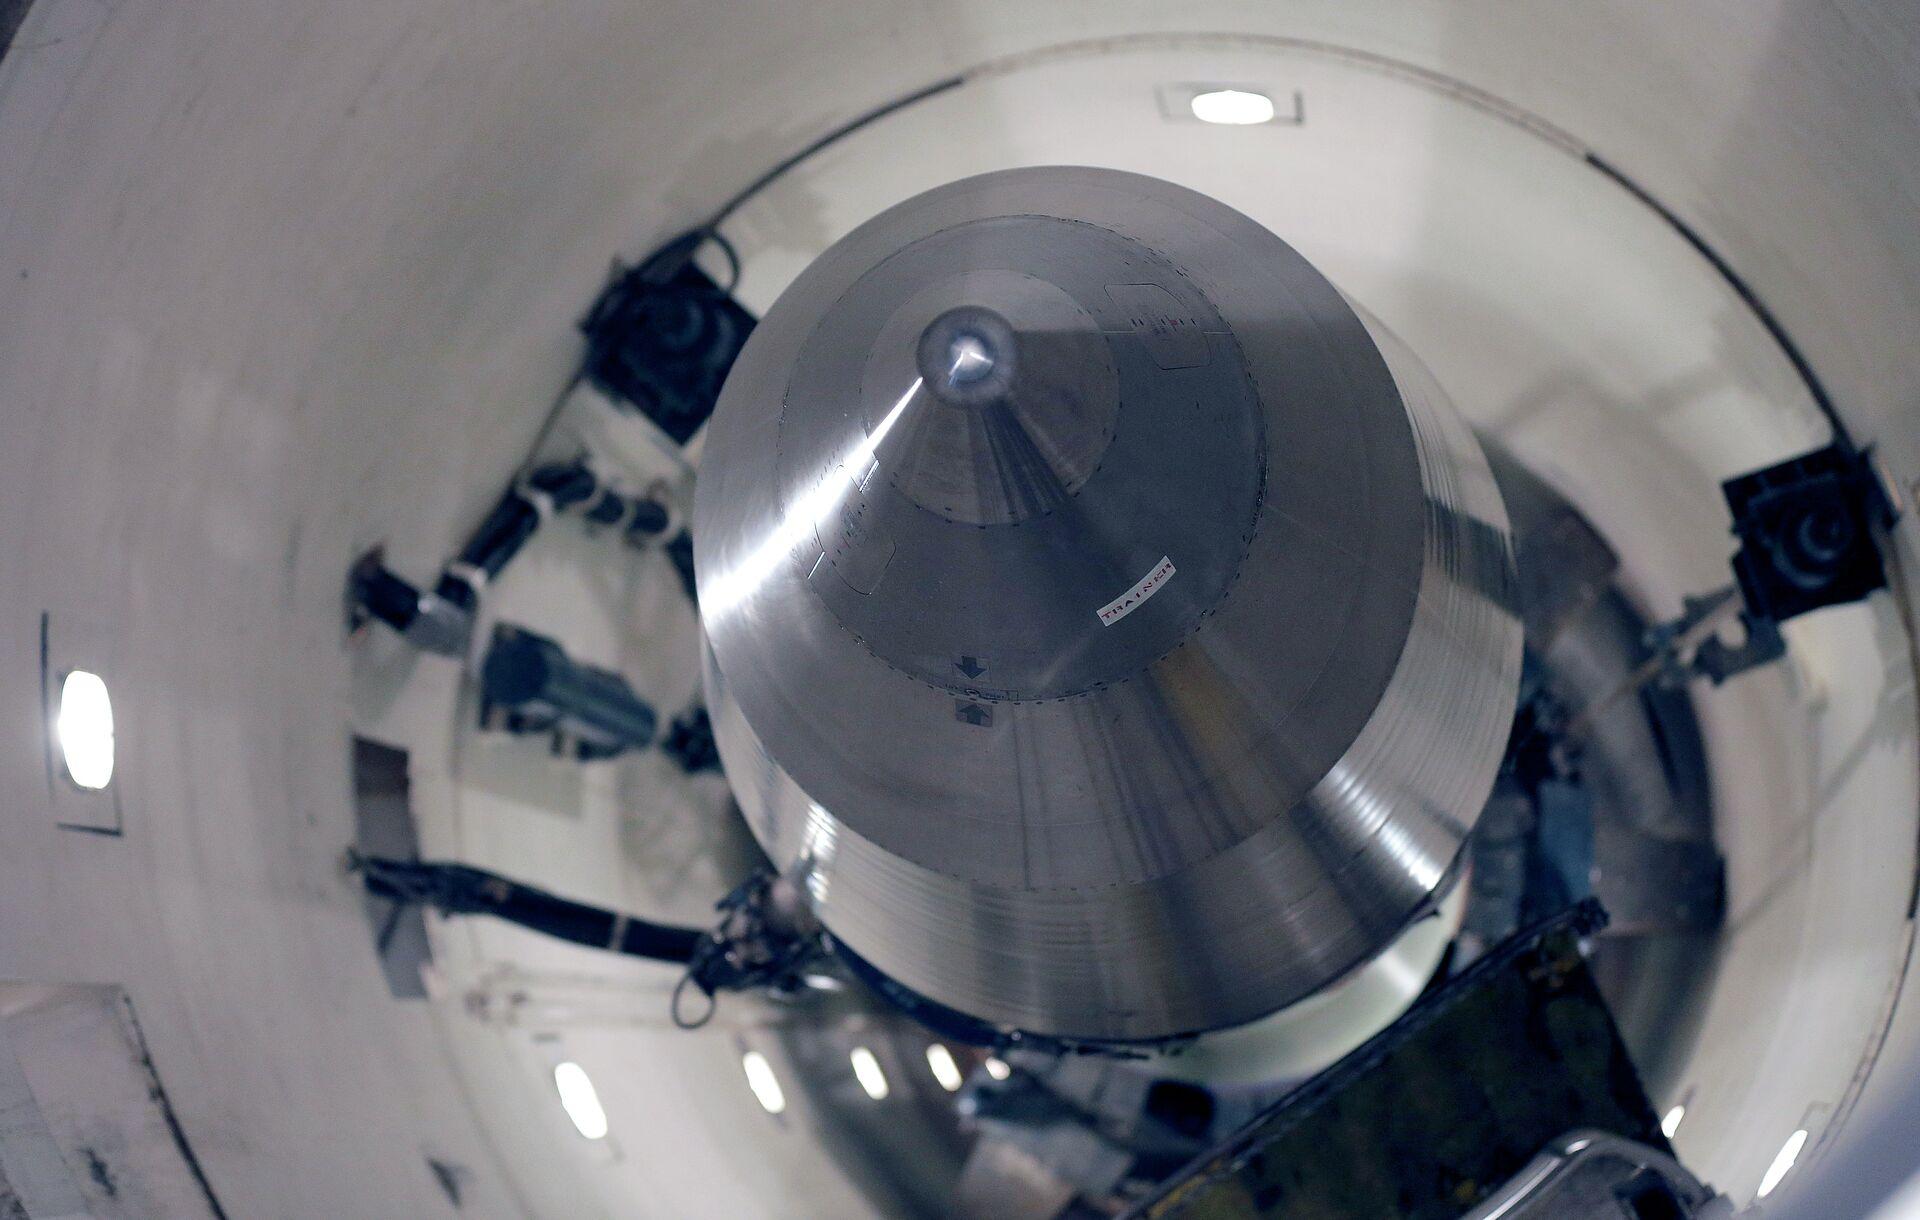 Mosca critica il programma di espansione dell'arsenale nucleare britannico - Sputnik Italia, 1920, 17.03.2021